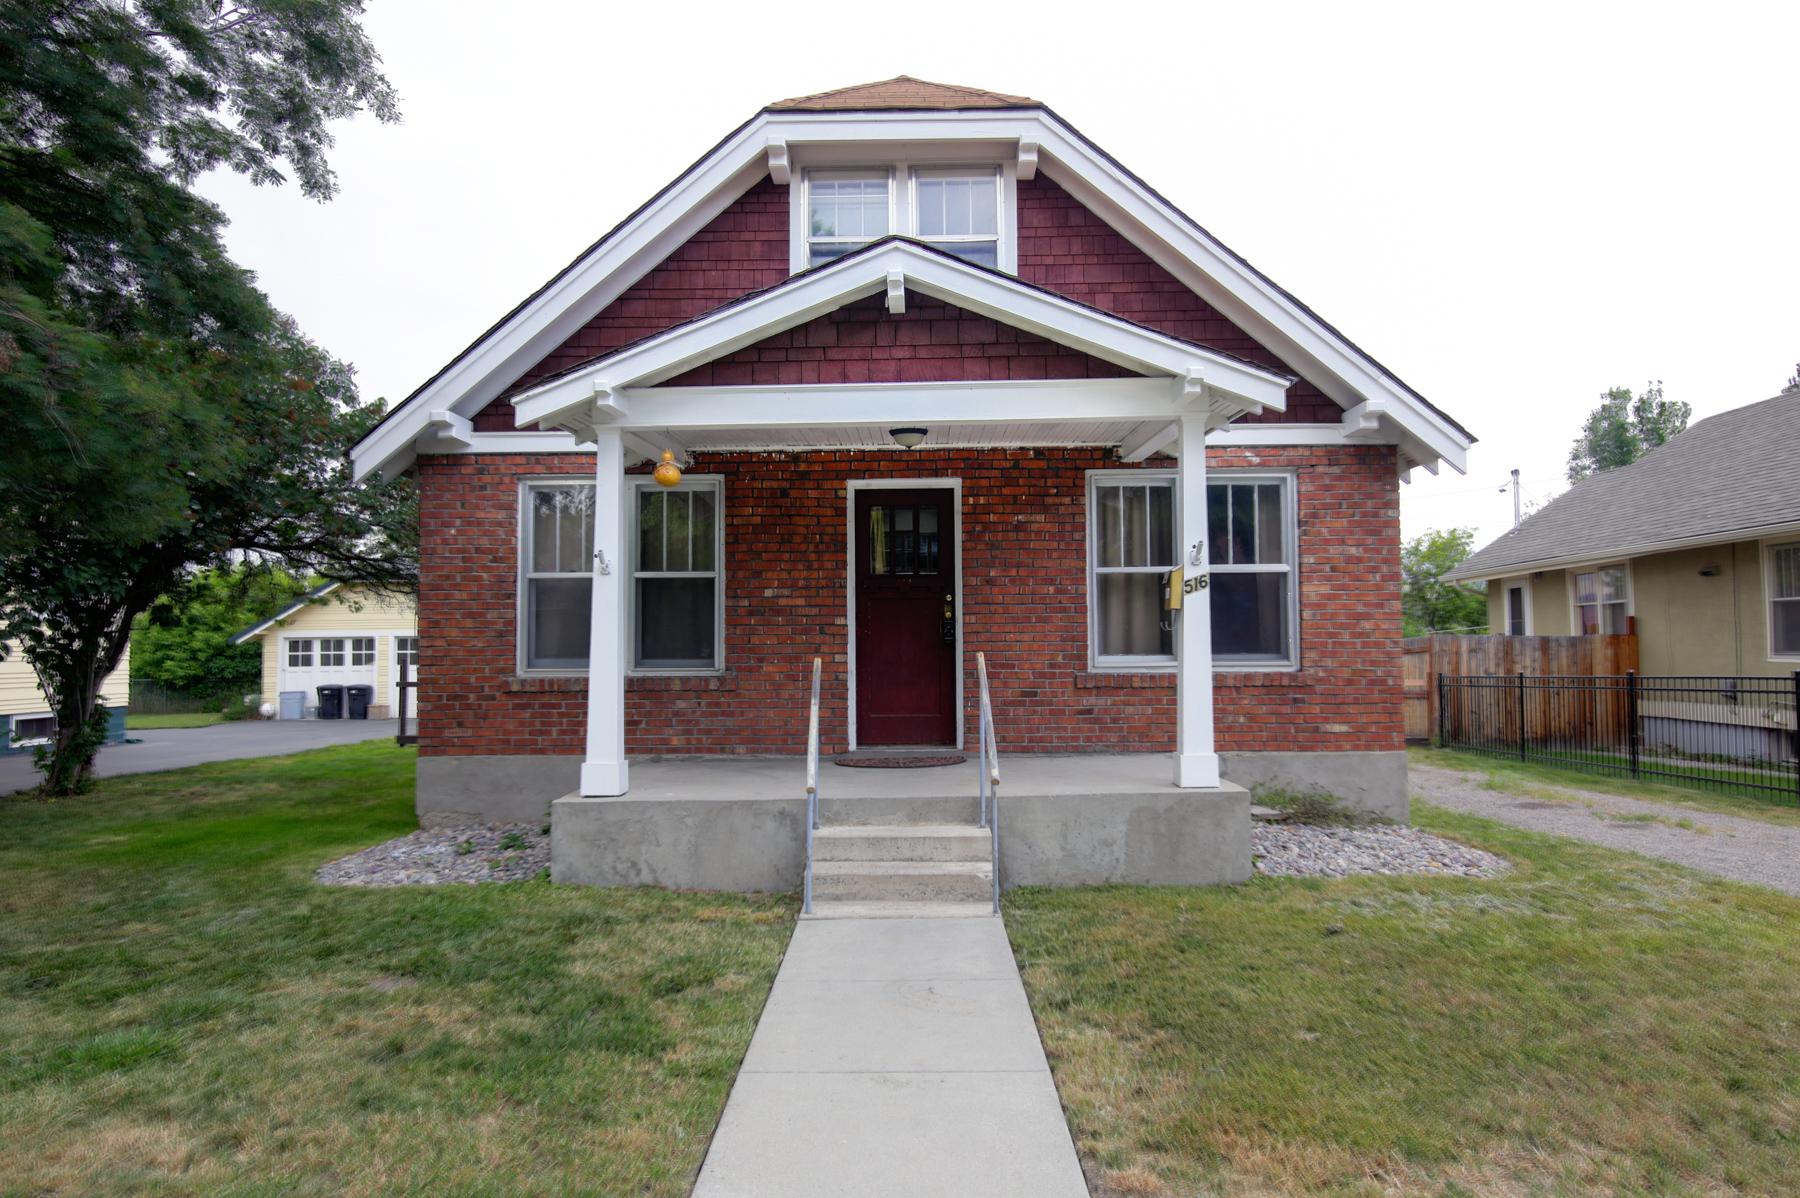 Casa para uma família para Venda às 516 S 5th St E 516 S 5th St E Missoula, Montana, 59801 Estados Unidos